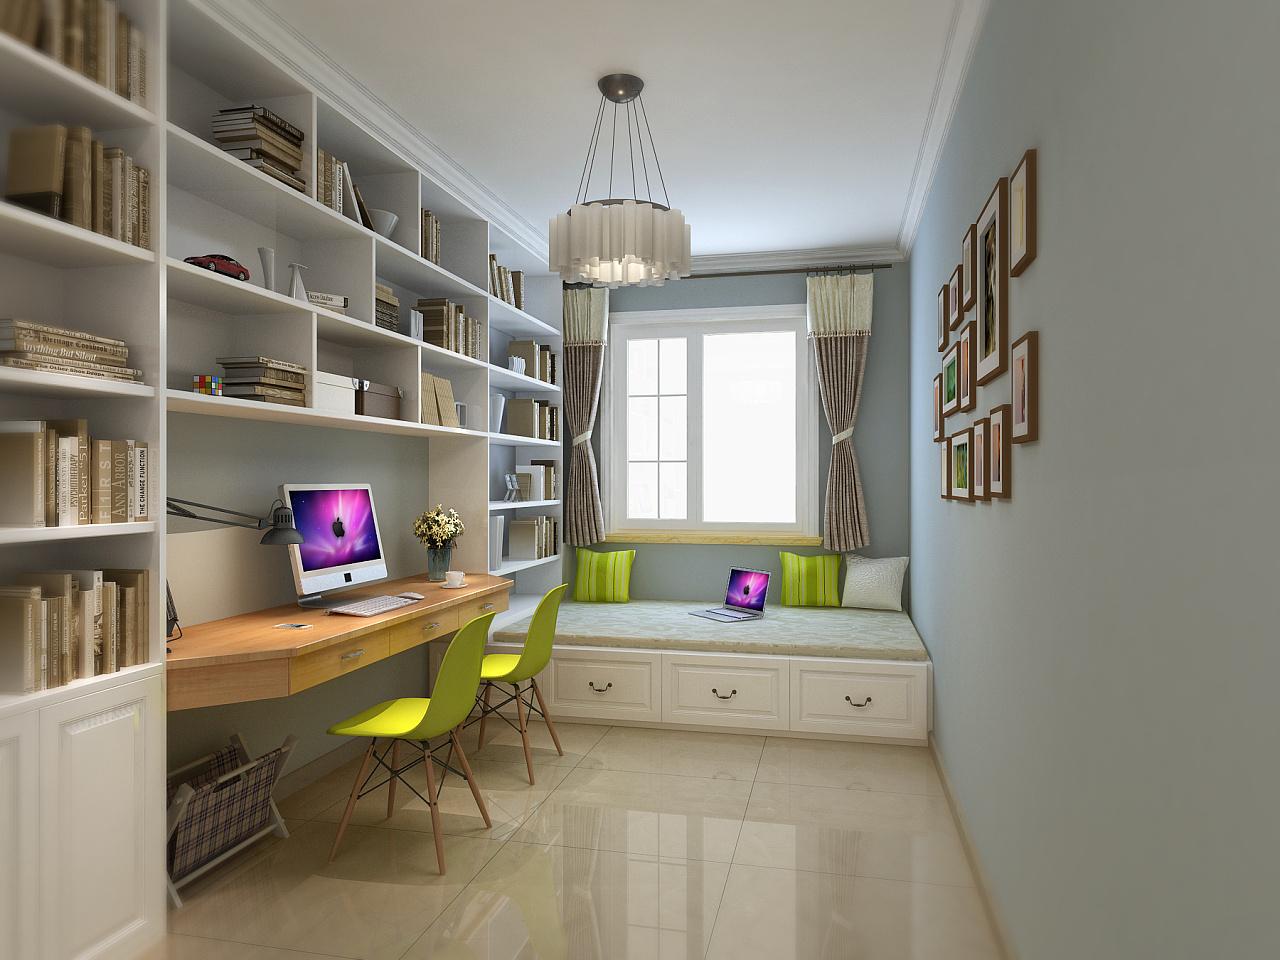 小书房一张|空间|室内设计|四维闲人 - 原创作品图片